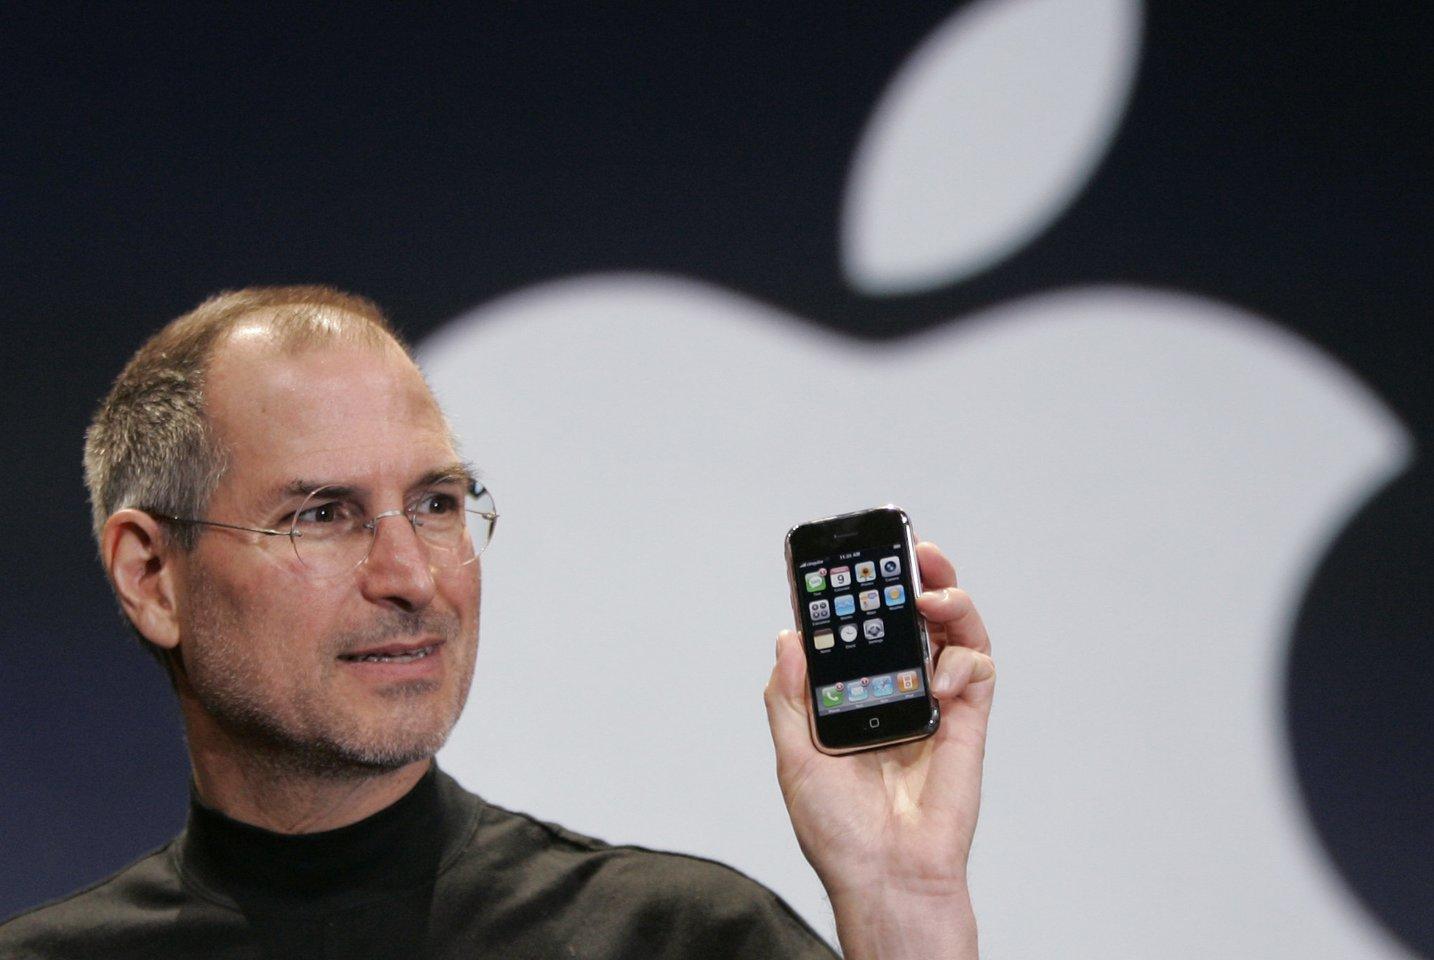 1955 m. gimė JAV verslininkas ir išradėjas Stevenas Paulas Jobsas. Mirė 2011 m.<br>AFP/Scanpix